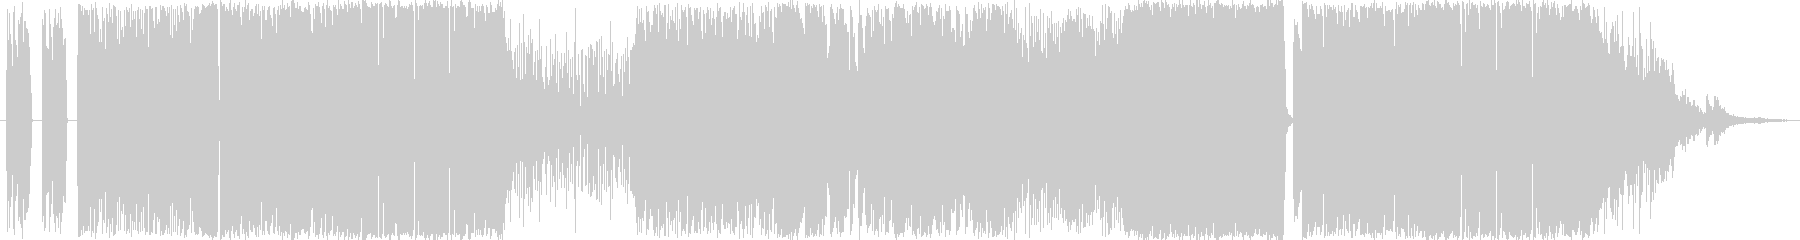 格闘シーン用激しいロックBGMの未再生の波形